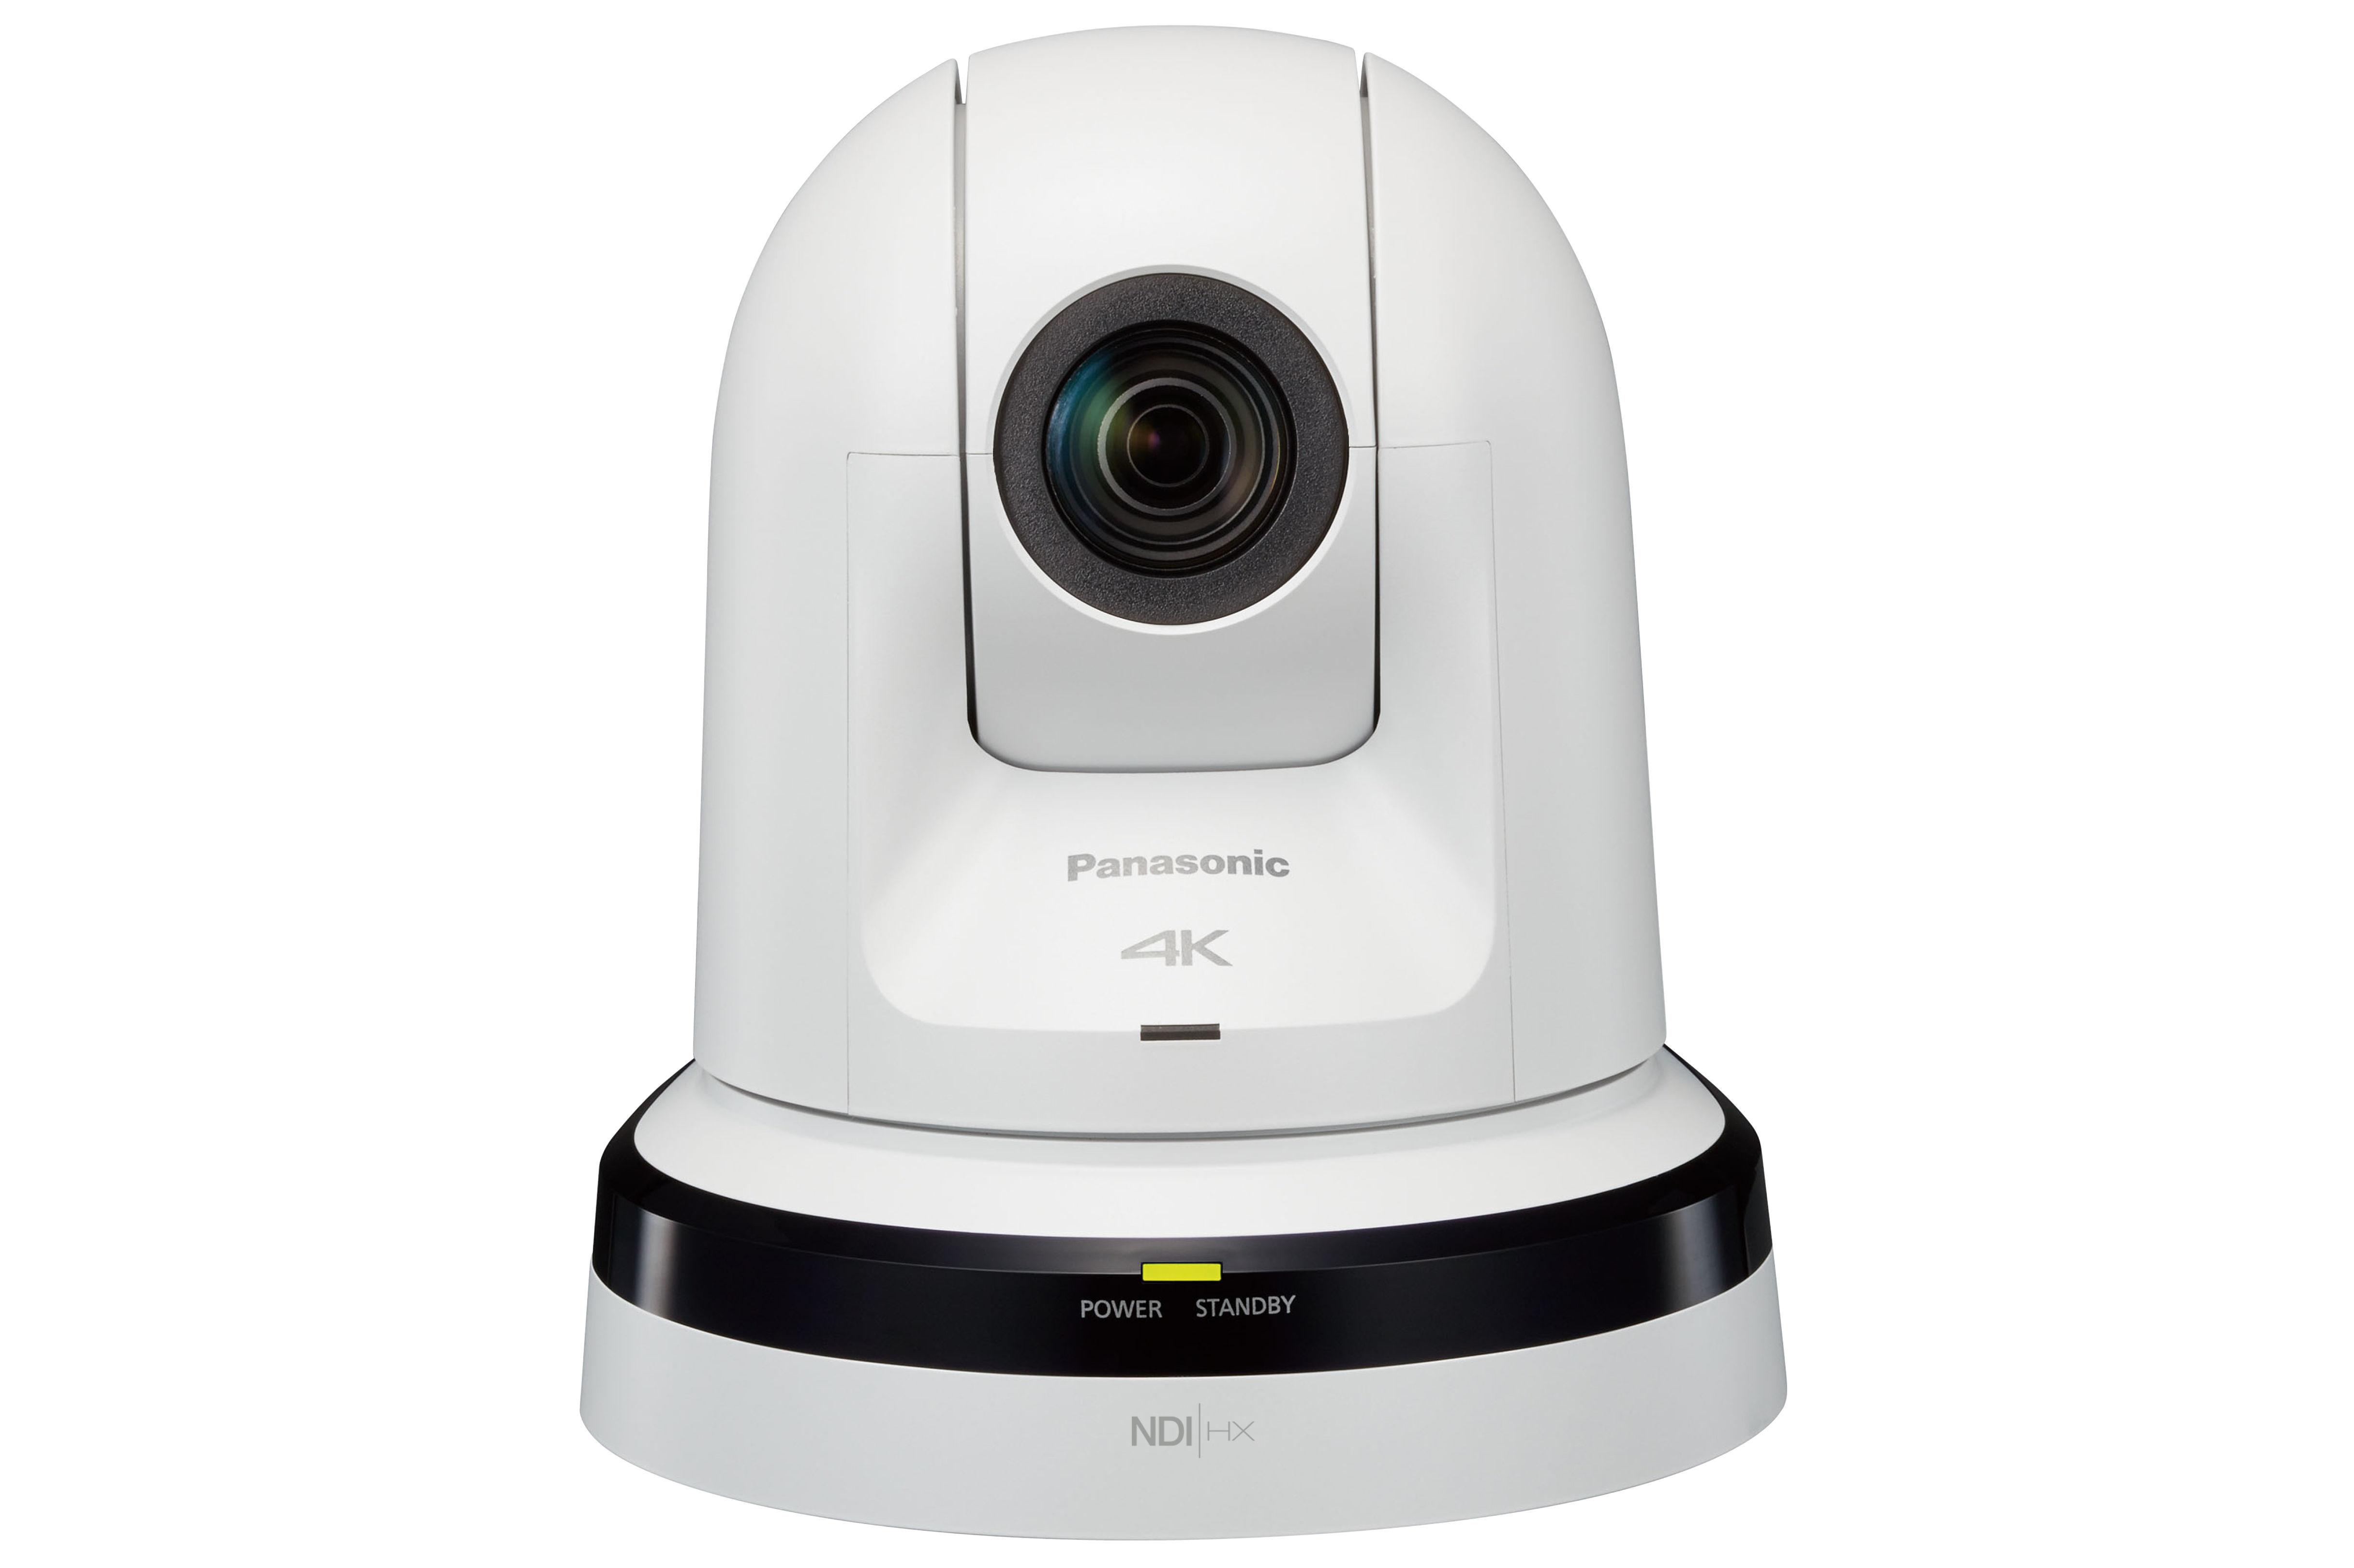 Aw Un70 4k Professional Ptz Camera With Ndi Hx Panasonic North Wiring Diagram America United States